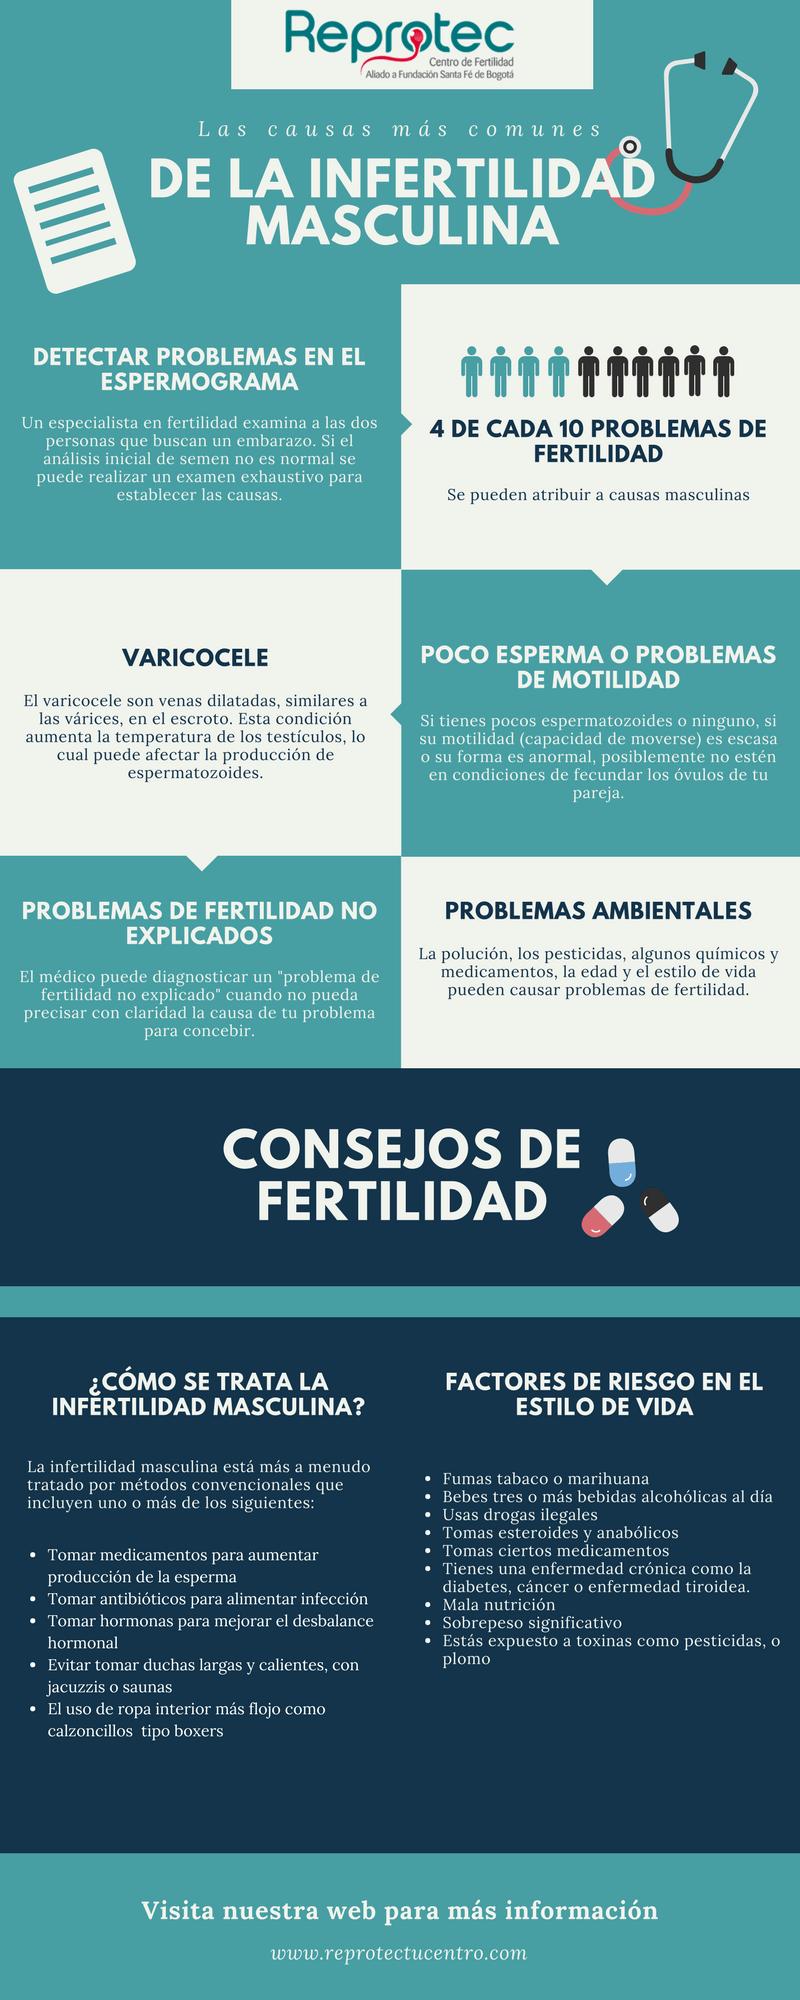 Causas principales de infertilidad masculina